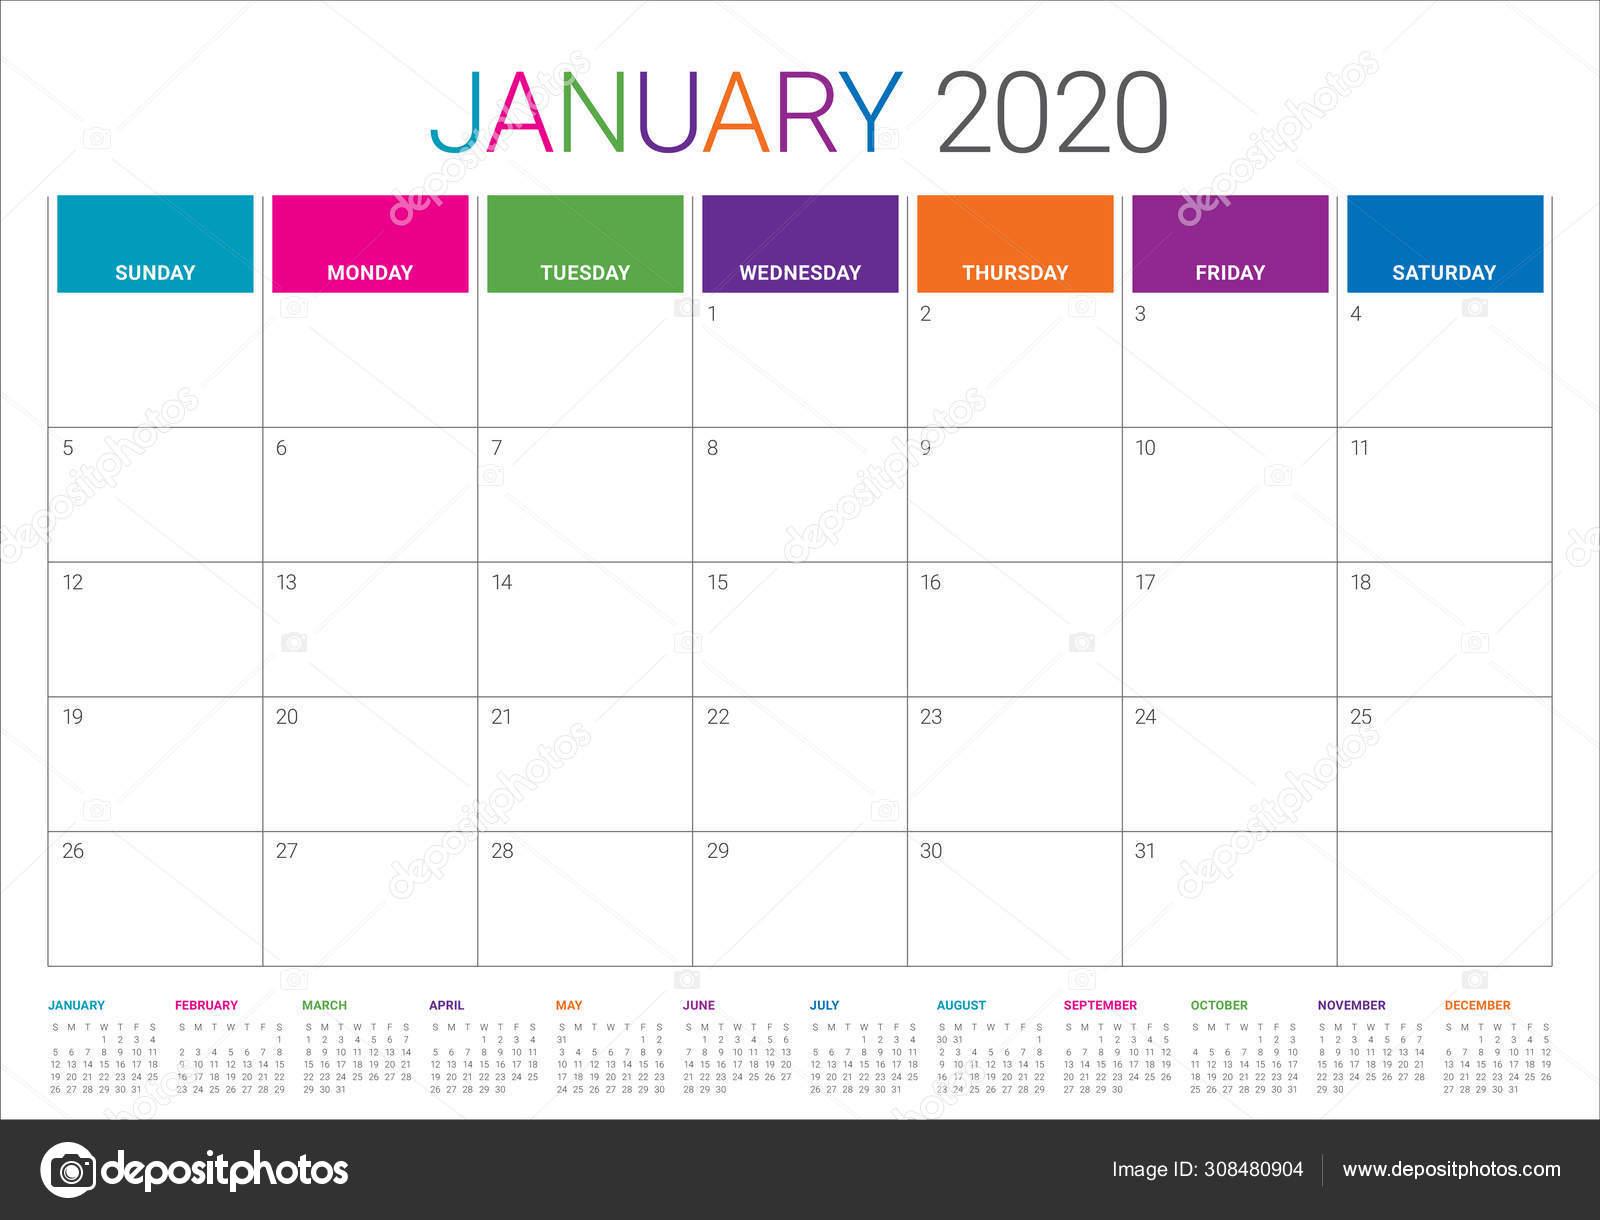 Calendrier Janvier 2020.Illustration Vectorielle De Calendrier De Bureau De Janvier